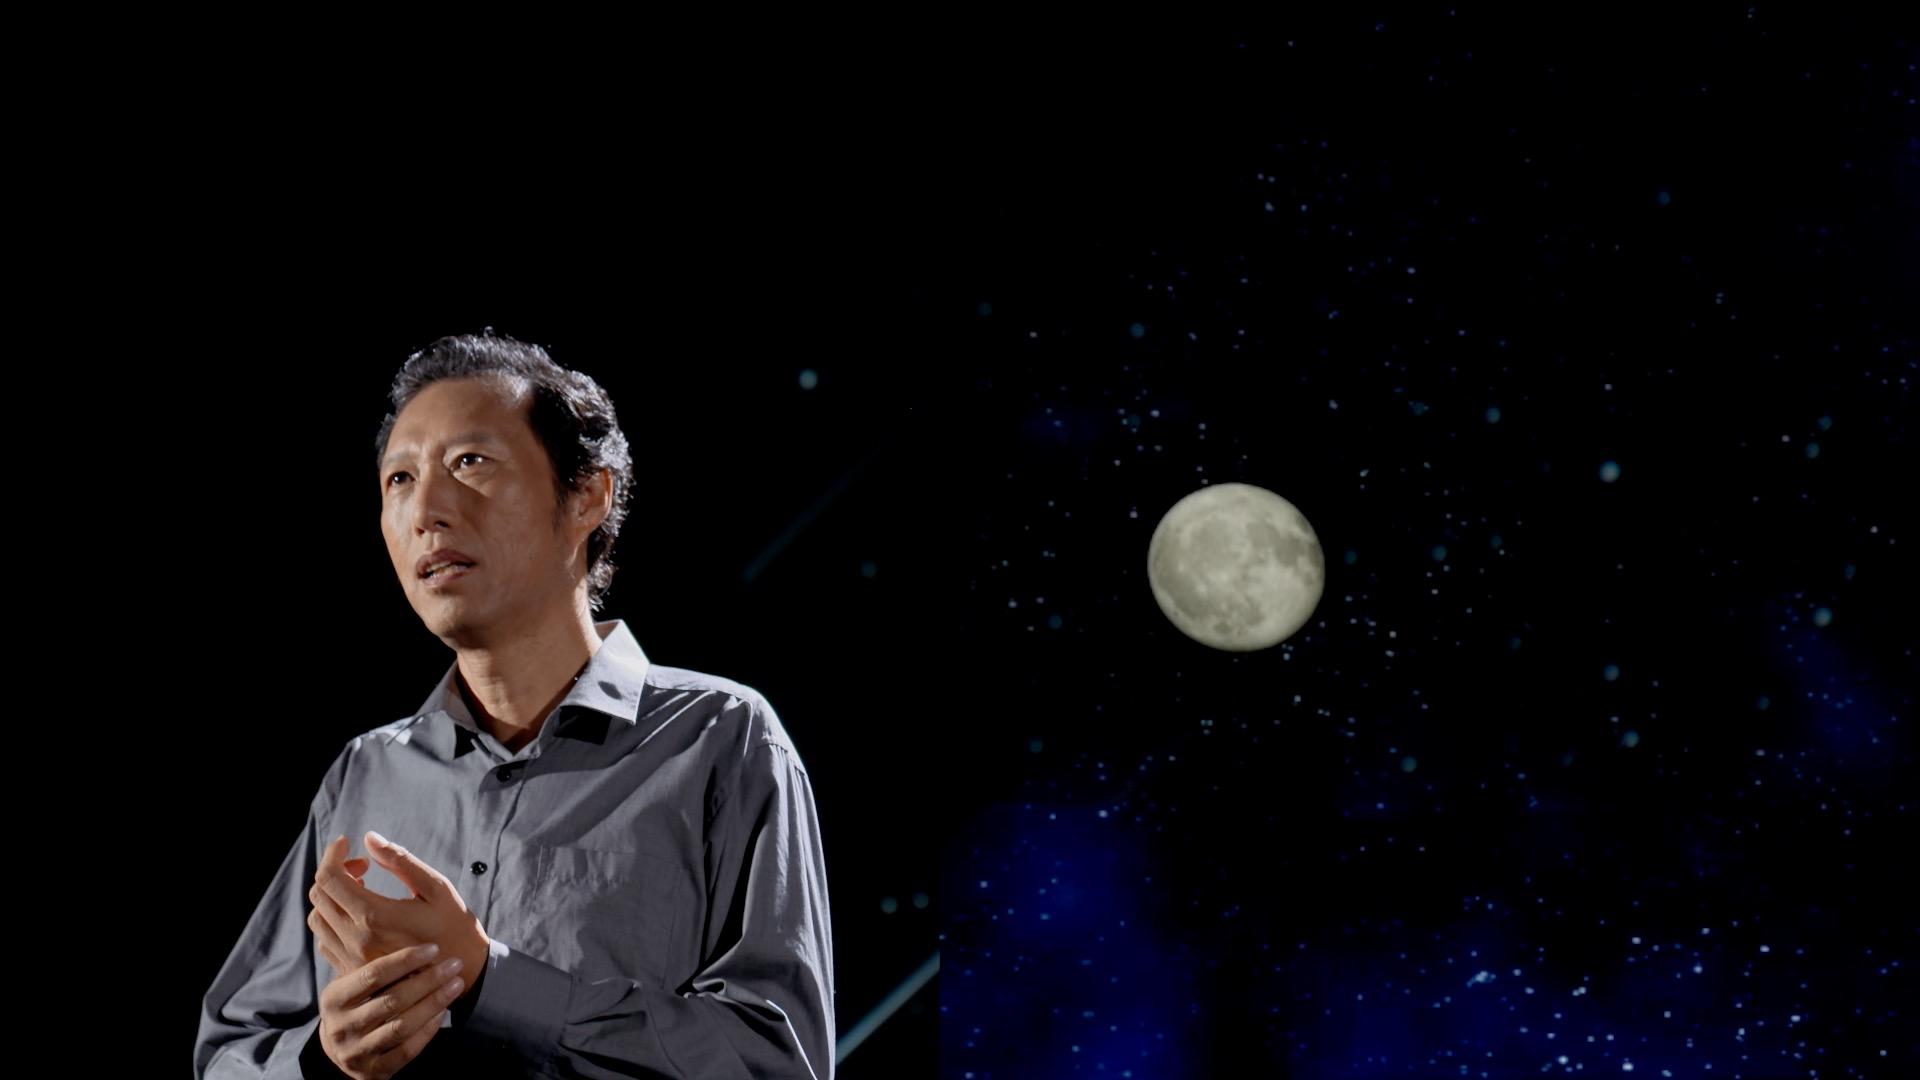 总台IMR带你到月亮上去看一看丨从月球看地球会是什么样?